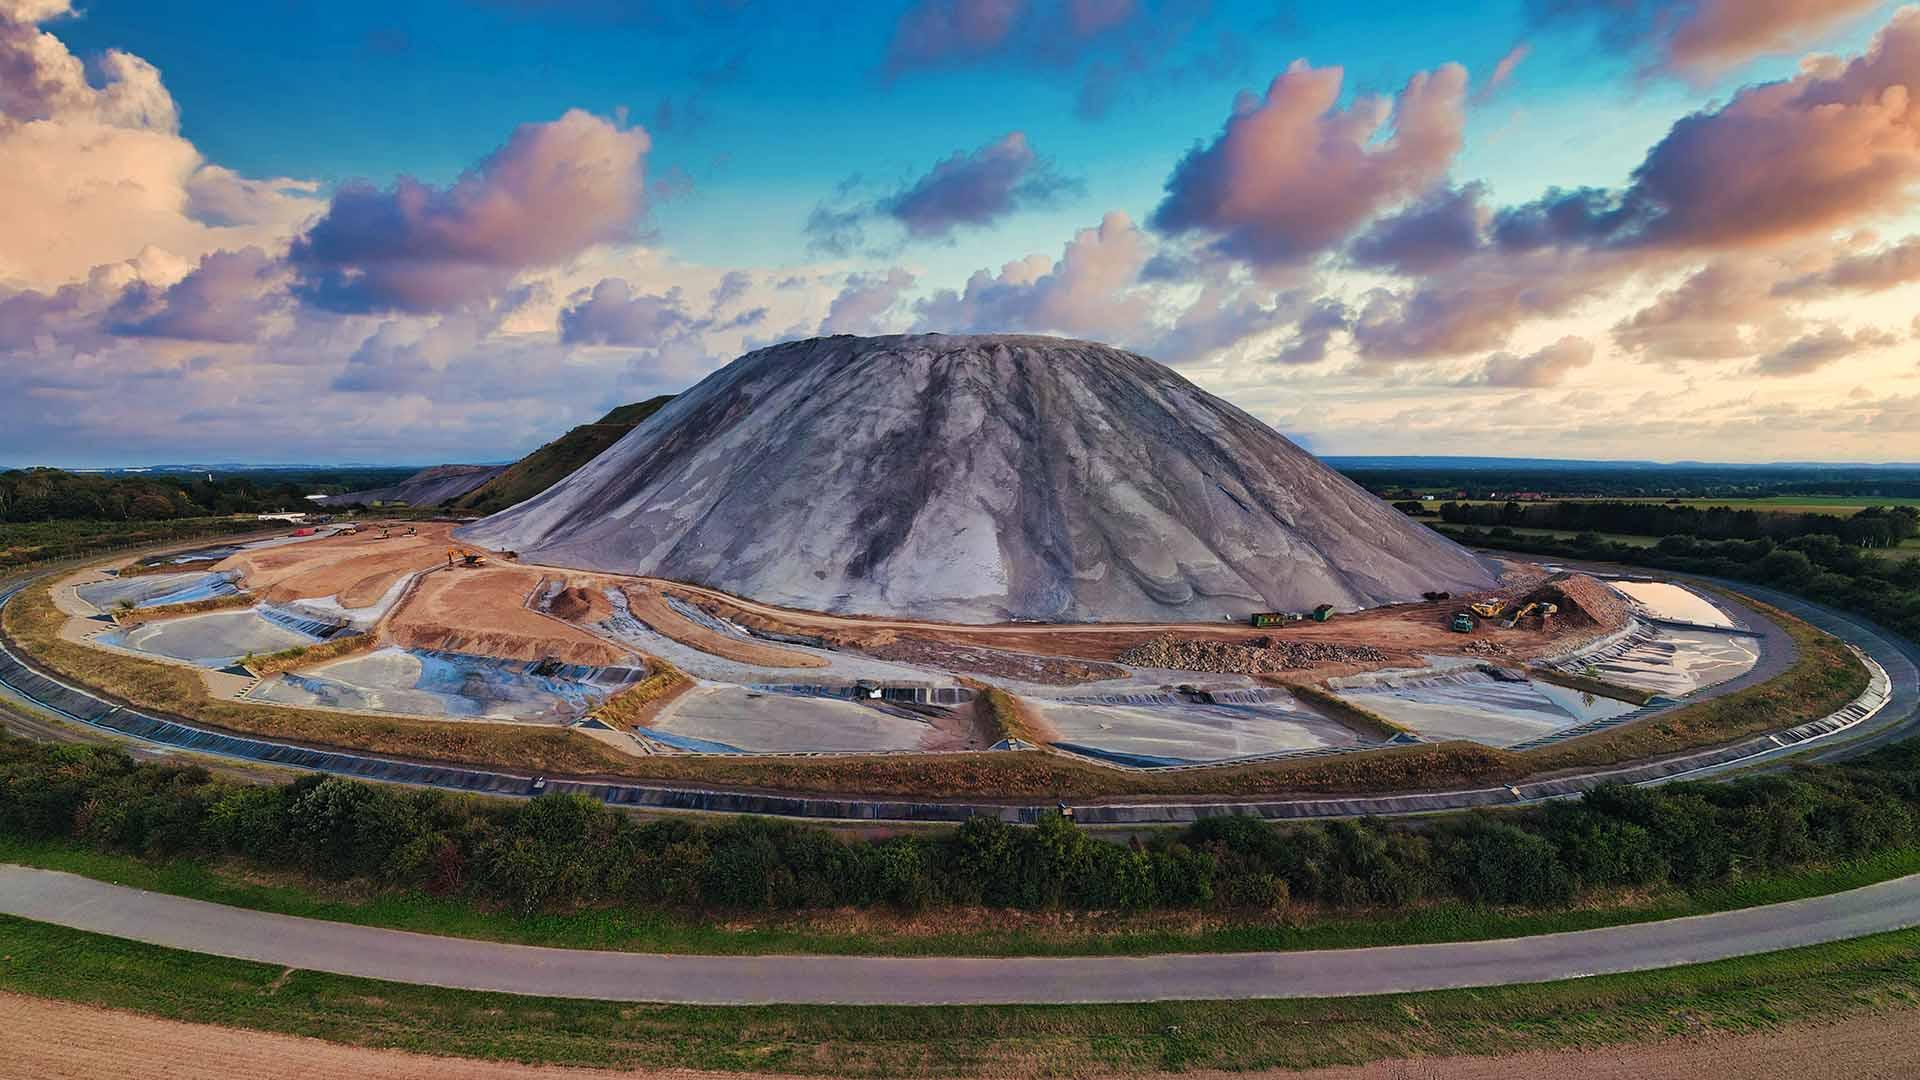 """Auf ca. 140 Metern Höhe ist der """"Kalimandscharo"""" seit dem ersten Salzabbau im Jahr 1898 angewachsen. Am 21. Dezember 2018 wurde der Bergbau von K+S wegen Unwirtschaftftlichkeit eingestellt. Die Grube Sigmundshall war mit knapp 1.475 Metern inzwischen das tiefste Kalibergwerk weltweit."""